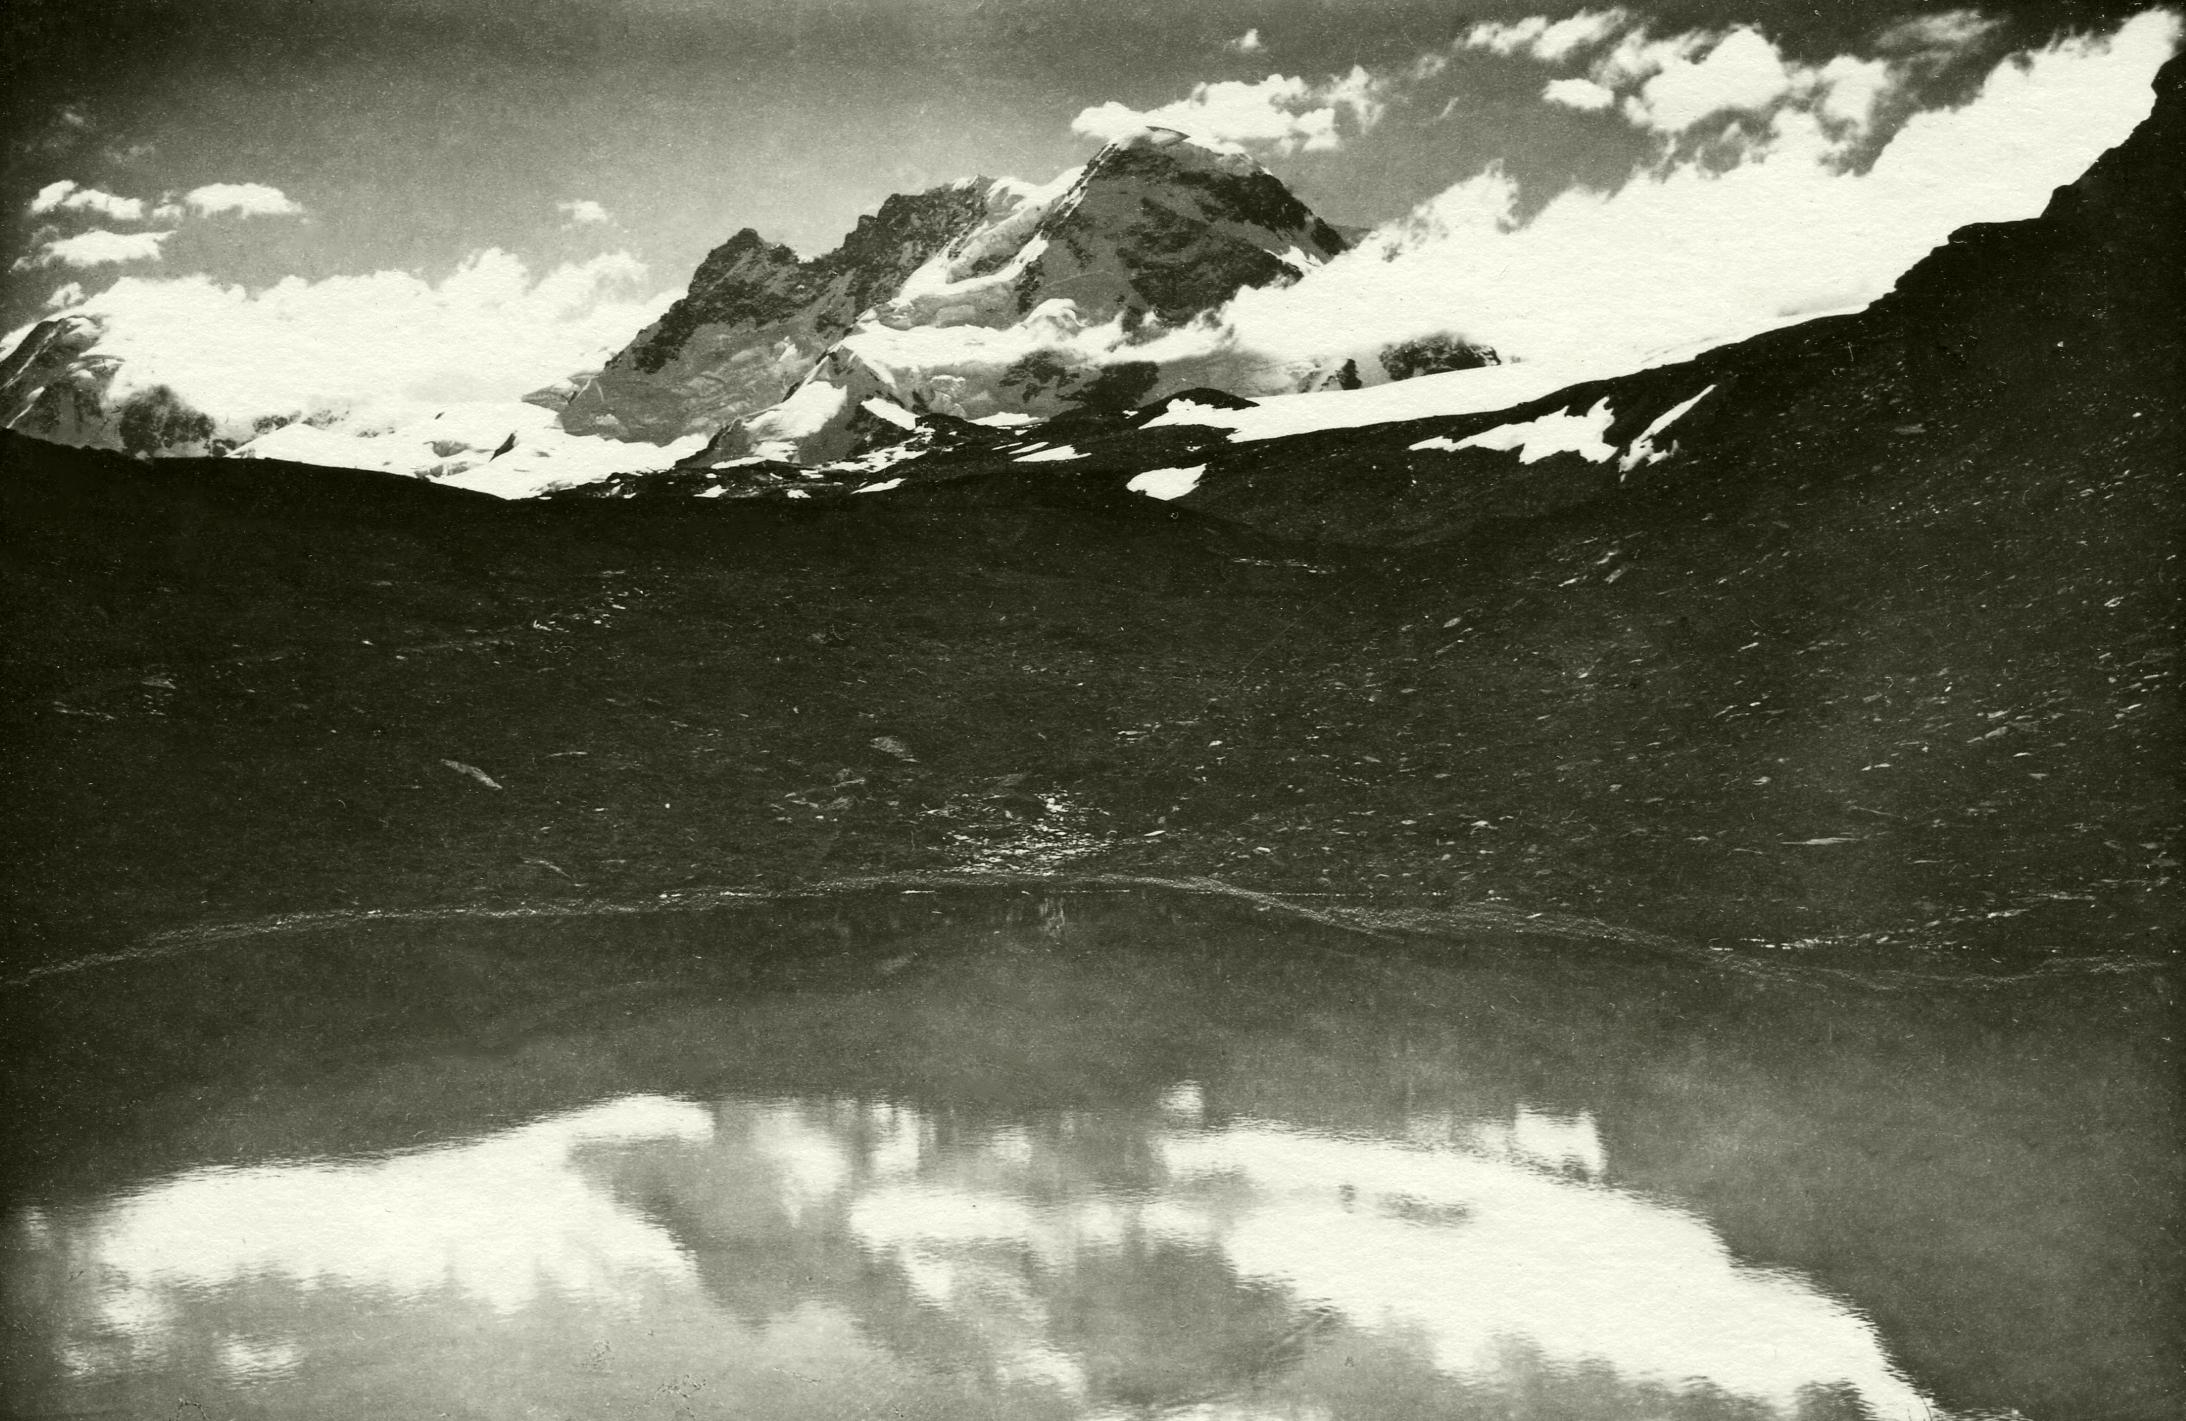 Breithorn vom Schwarzsee. Der kleine Bergsee oberhalb von Zermatt ist Aussichtspunkt für das Monte Rosa-Massiv, die Mischabelgruppe und das Matterhorn. Sommer 1926.